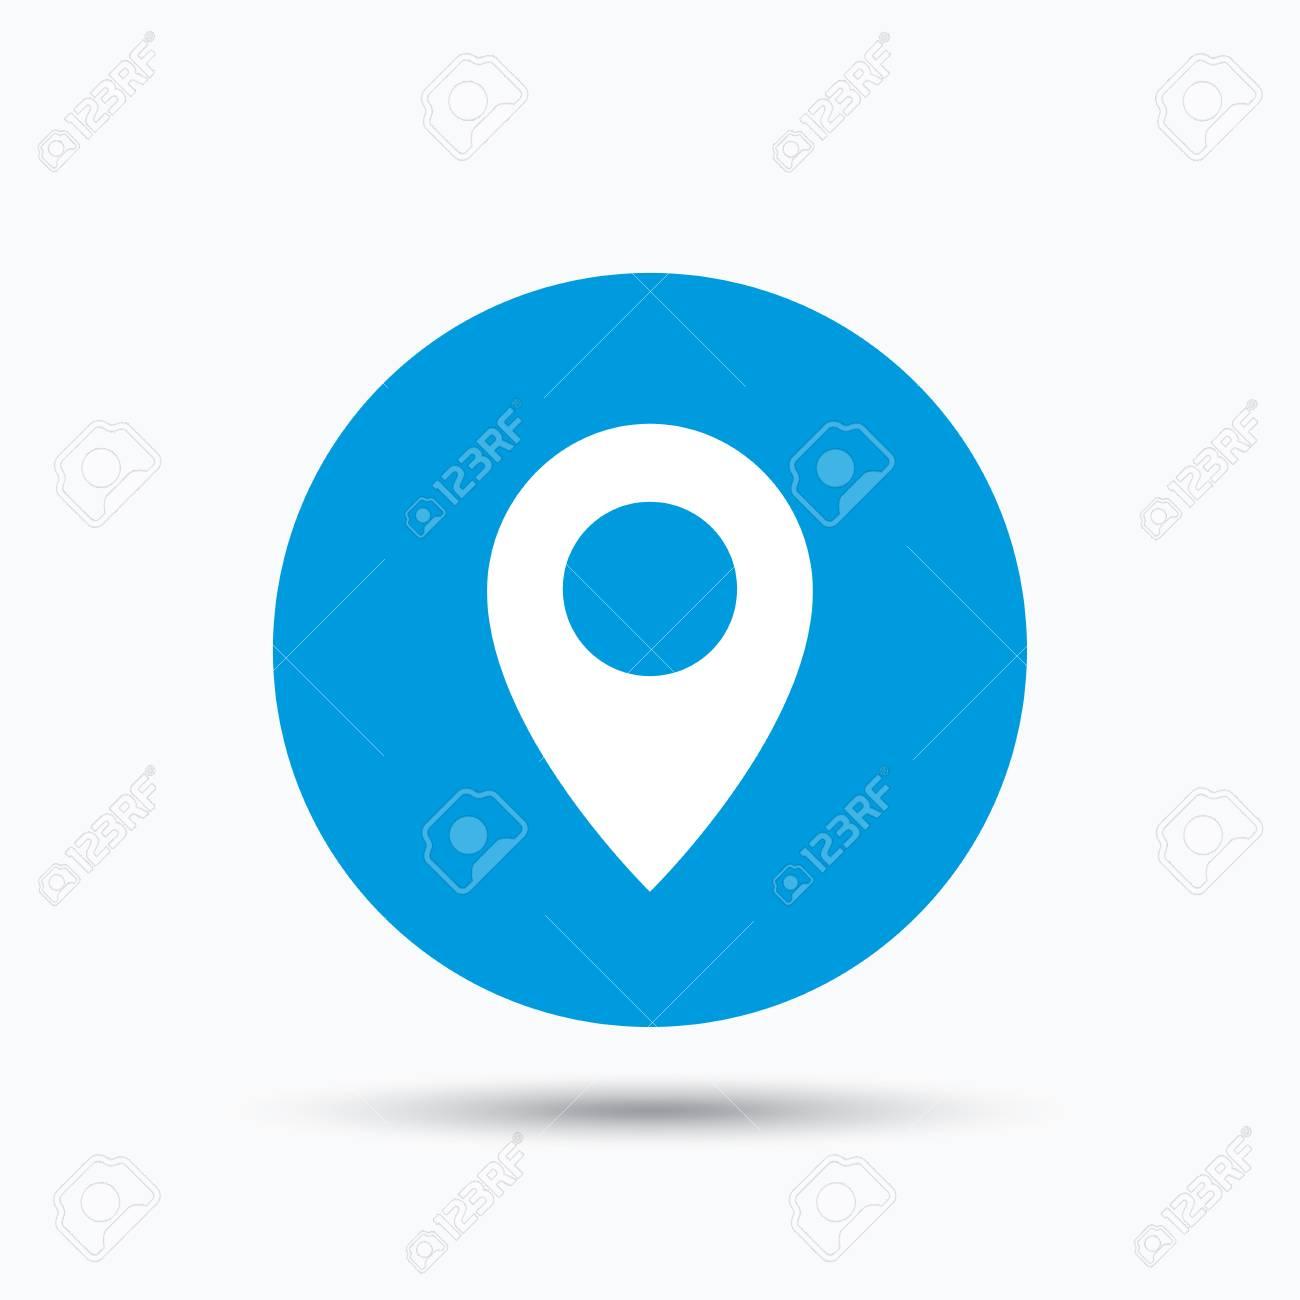 Icone Localisation localisation icône. carte symbole de pointeur. bouton cercle bleu